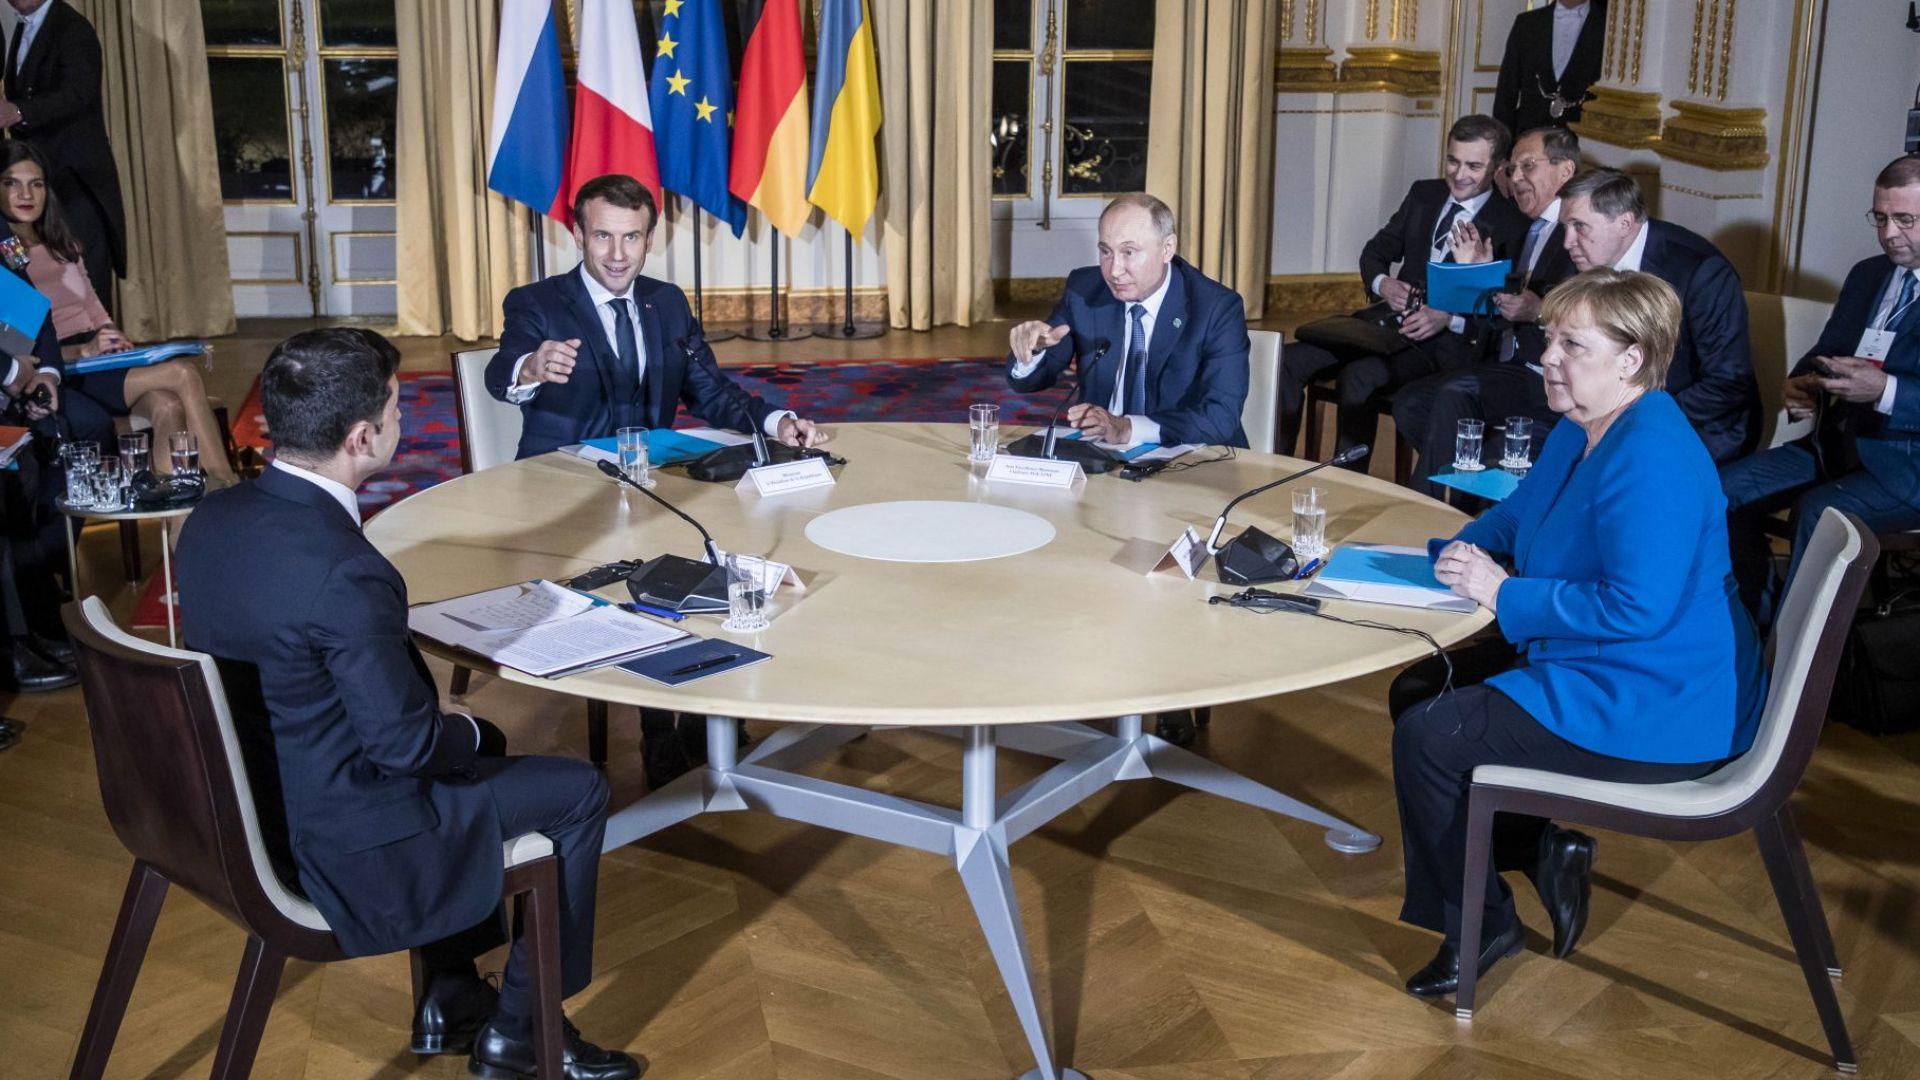 Руската страна не смята обсъждането на Крим за възможно при